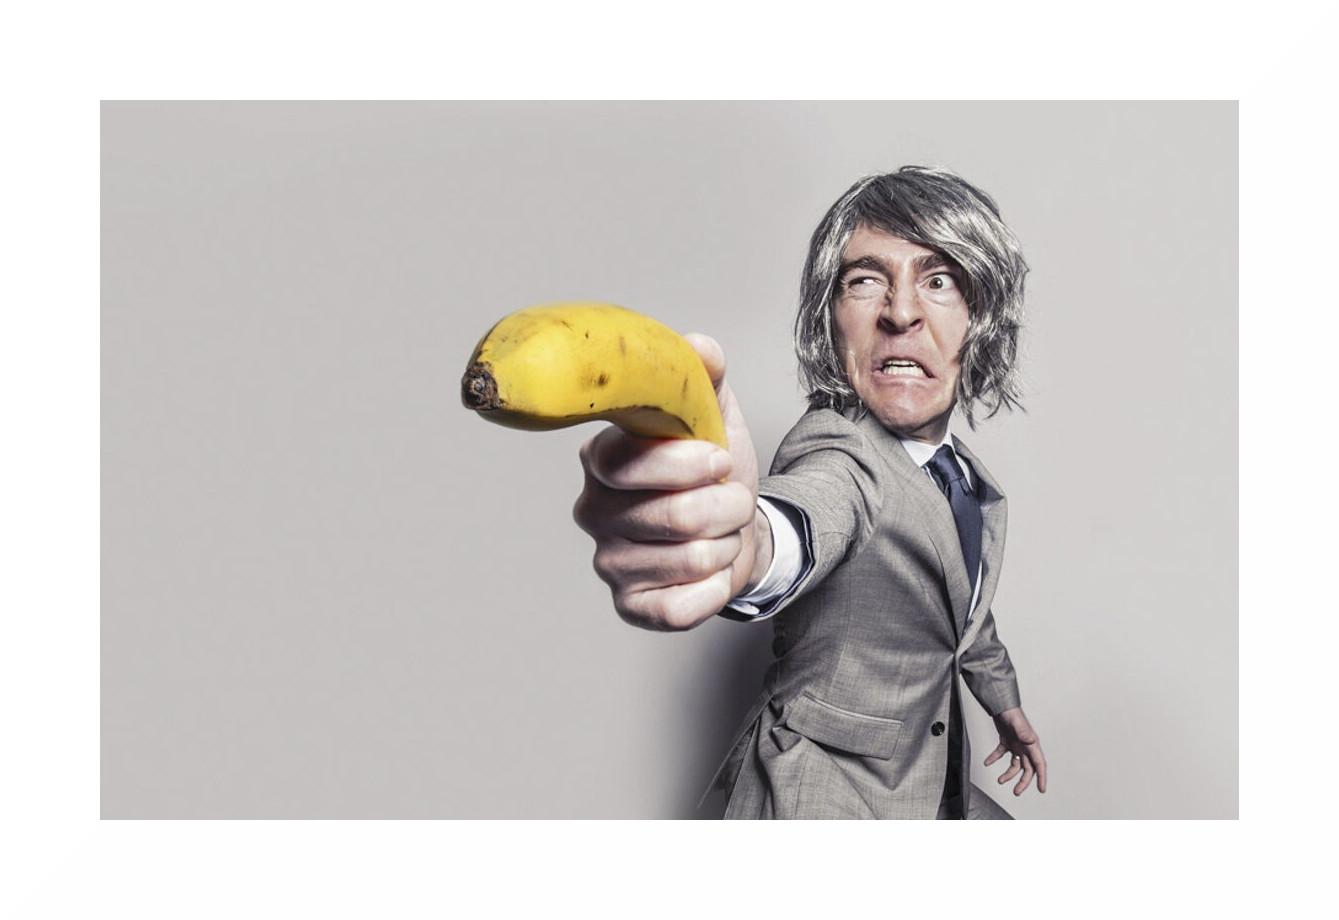 Was hat die Banane, was ich nicht habe?